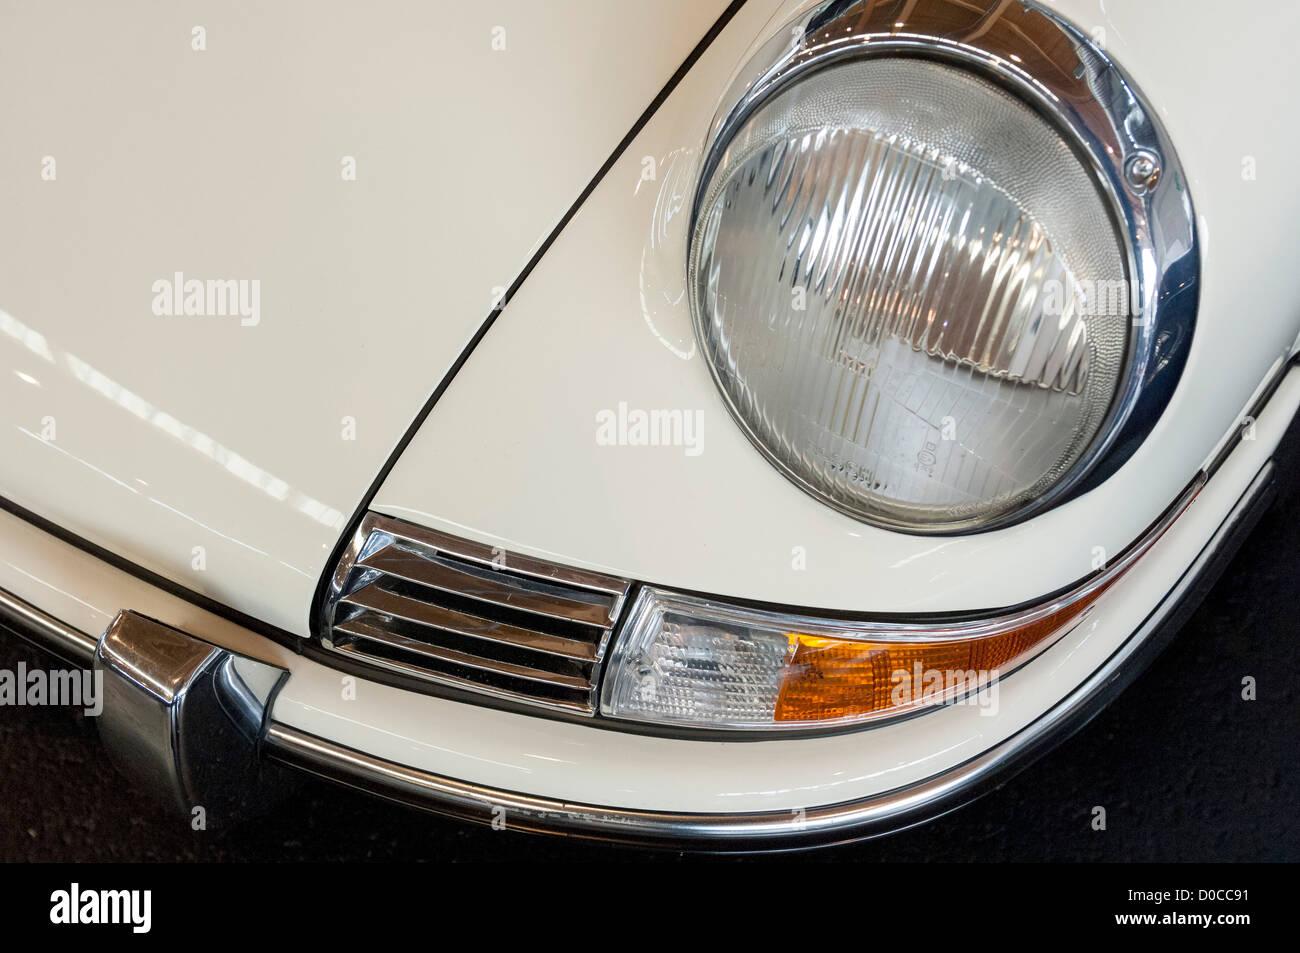 White classic Porsche 911 - Stock Image